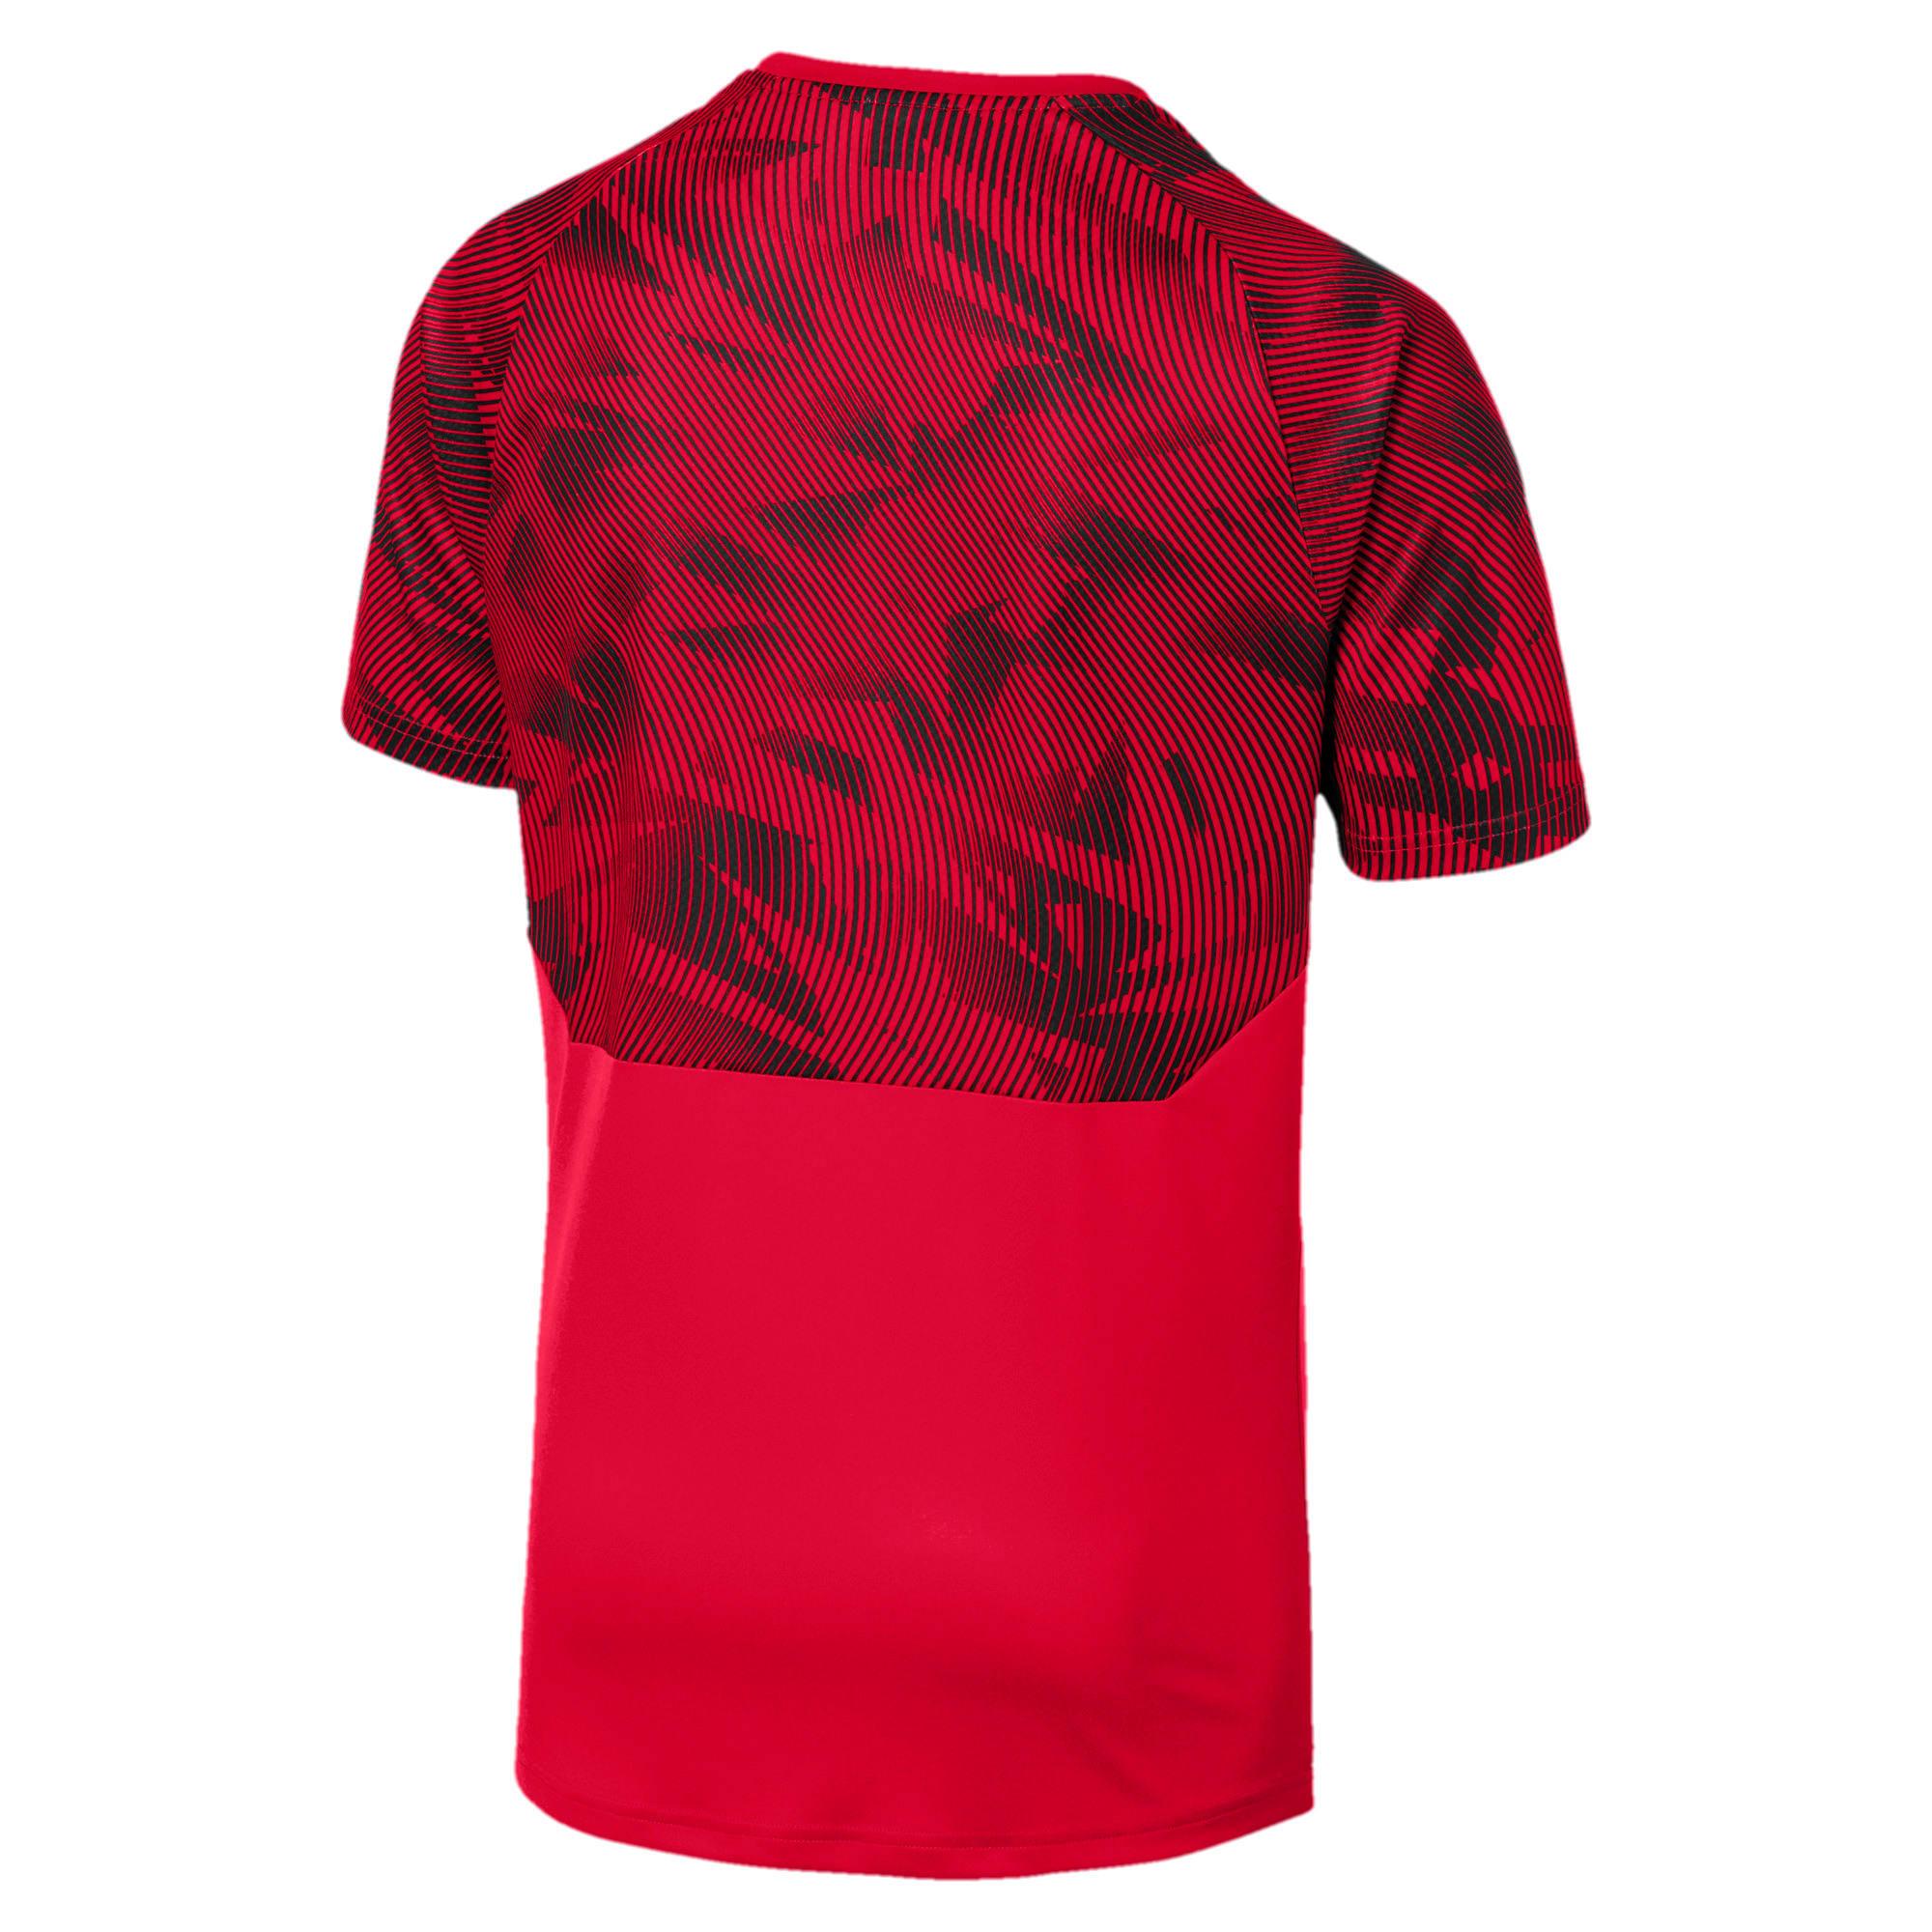 Miniatura 5 de Camiseta de entrenamiento AC Milan para hombre, Tango Red -Puma Black, mediano